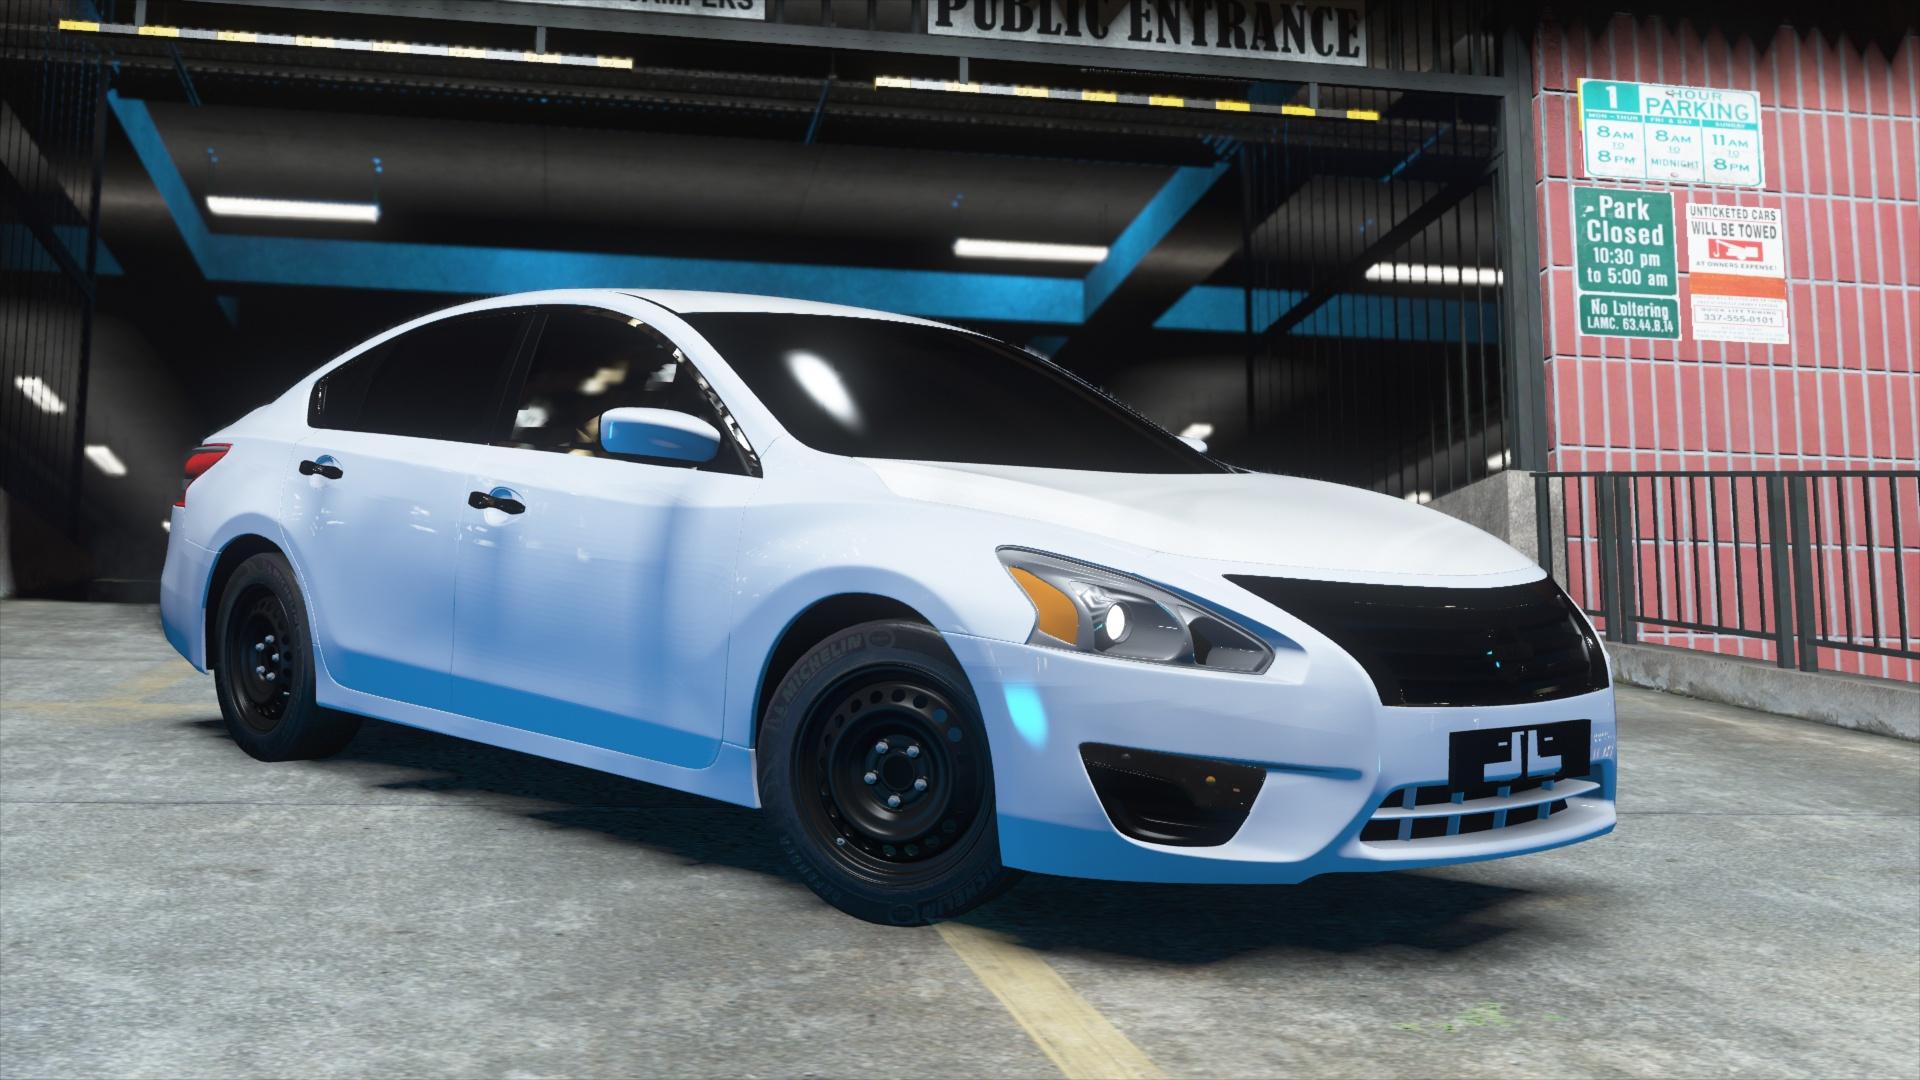 Nissan Altima 2013 Standrd Gta5 Mods Com